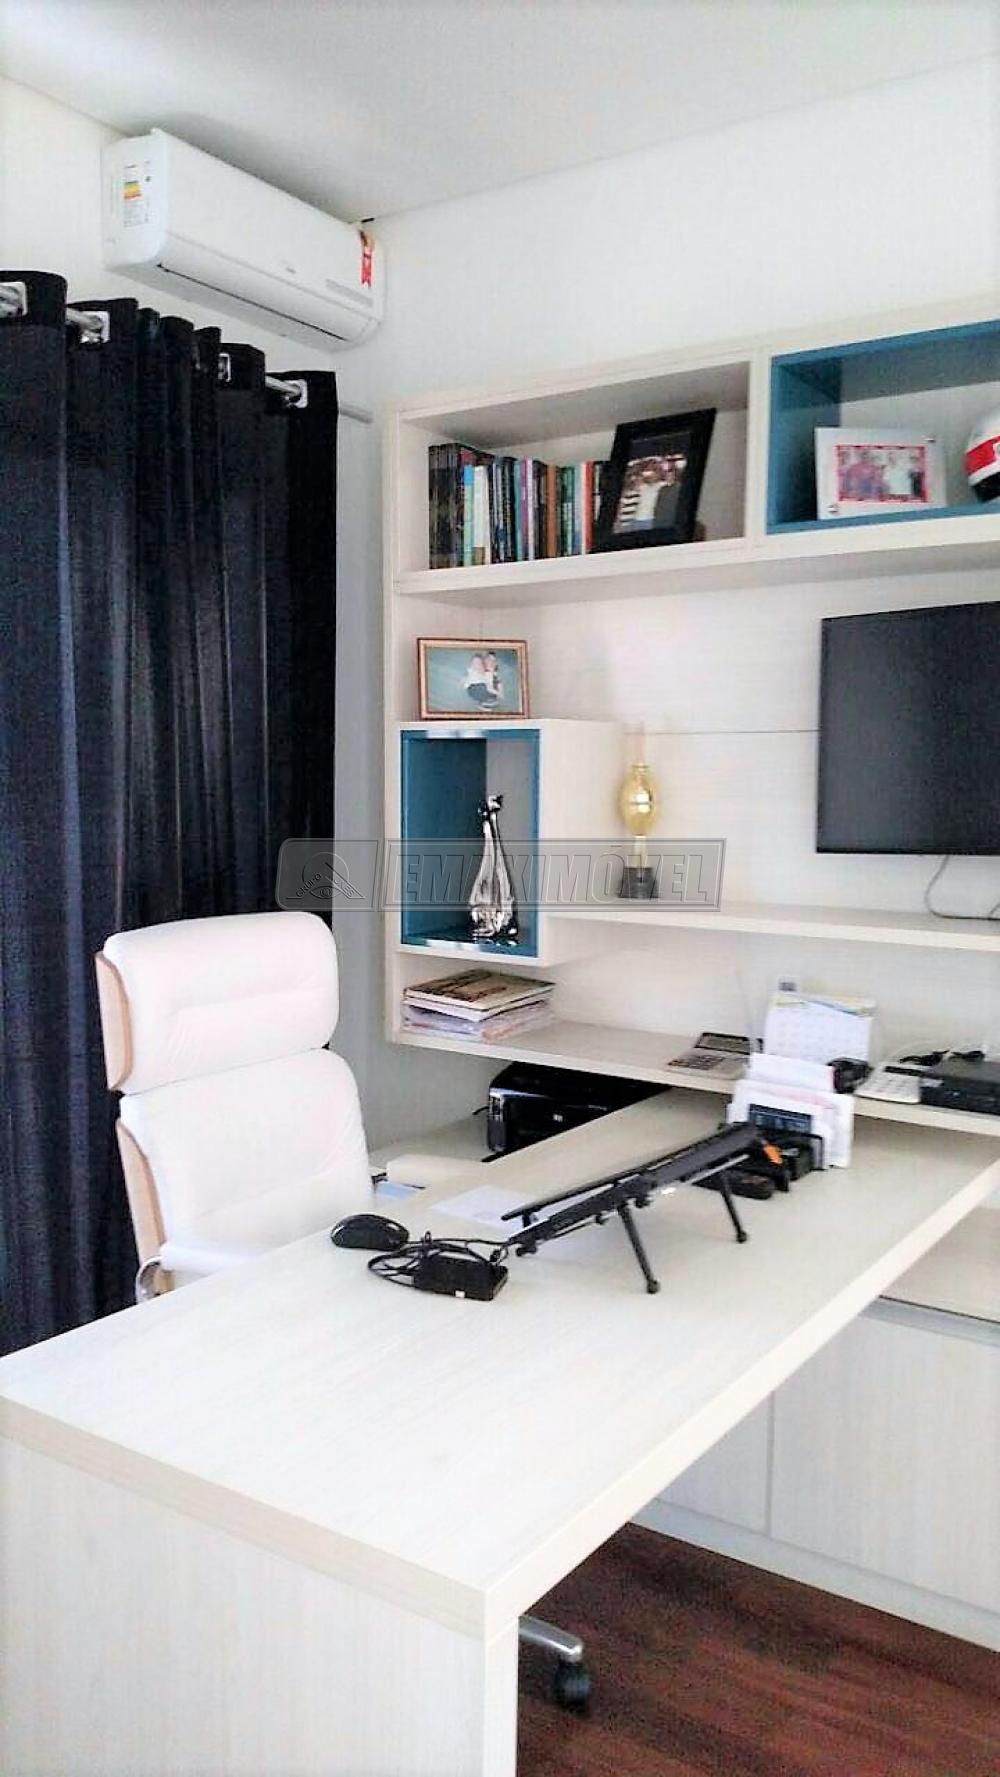 Alugar Casas / em Condomínios em Votorantim apenas R$ 8.500,00 - Foto 7